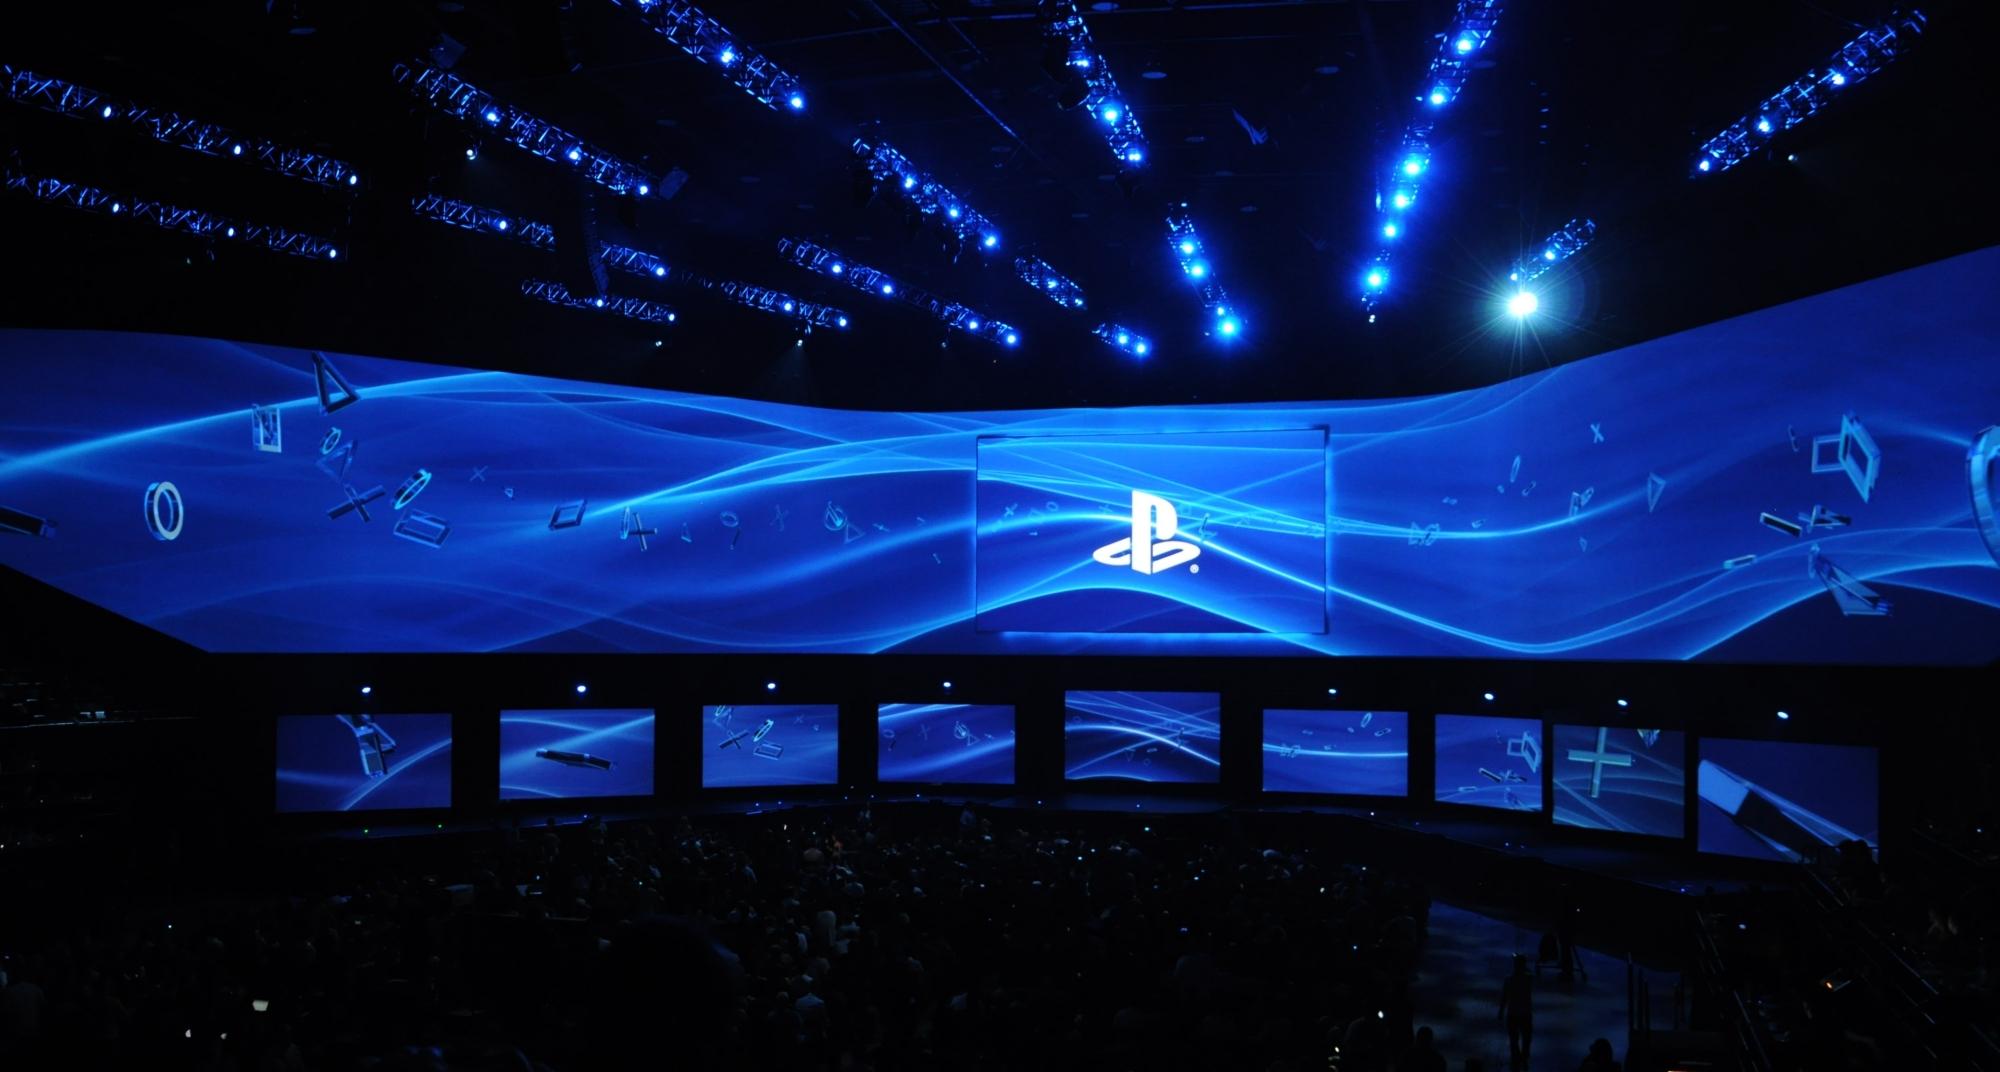 Sony E3 2015 press conference announcement